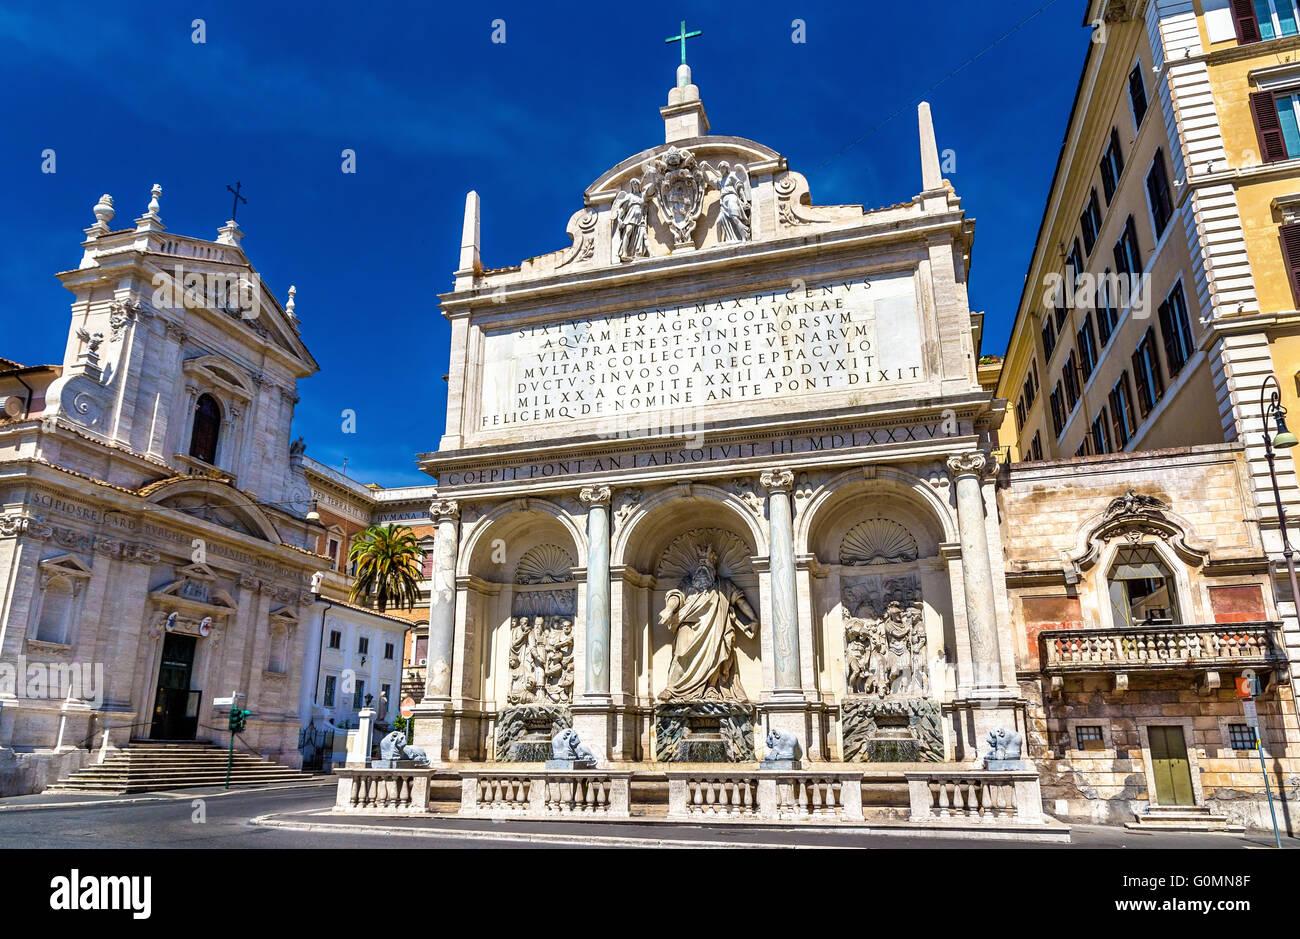 Fontana dell'Acqua Felice in Rome - Stock Image